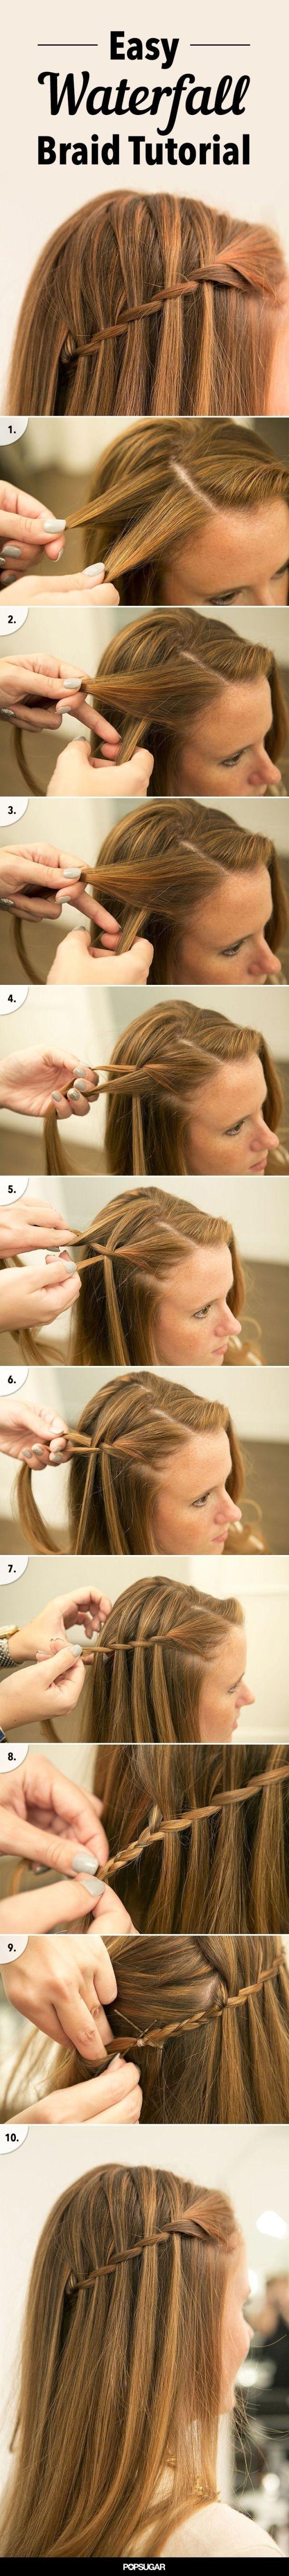 Easy Waterfall Braid Tutorial hair hair ideas diy hair hair tutorials hair ideas braids by belinda